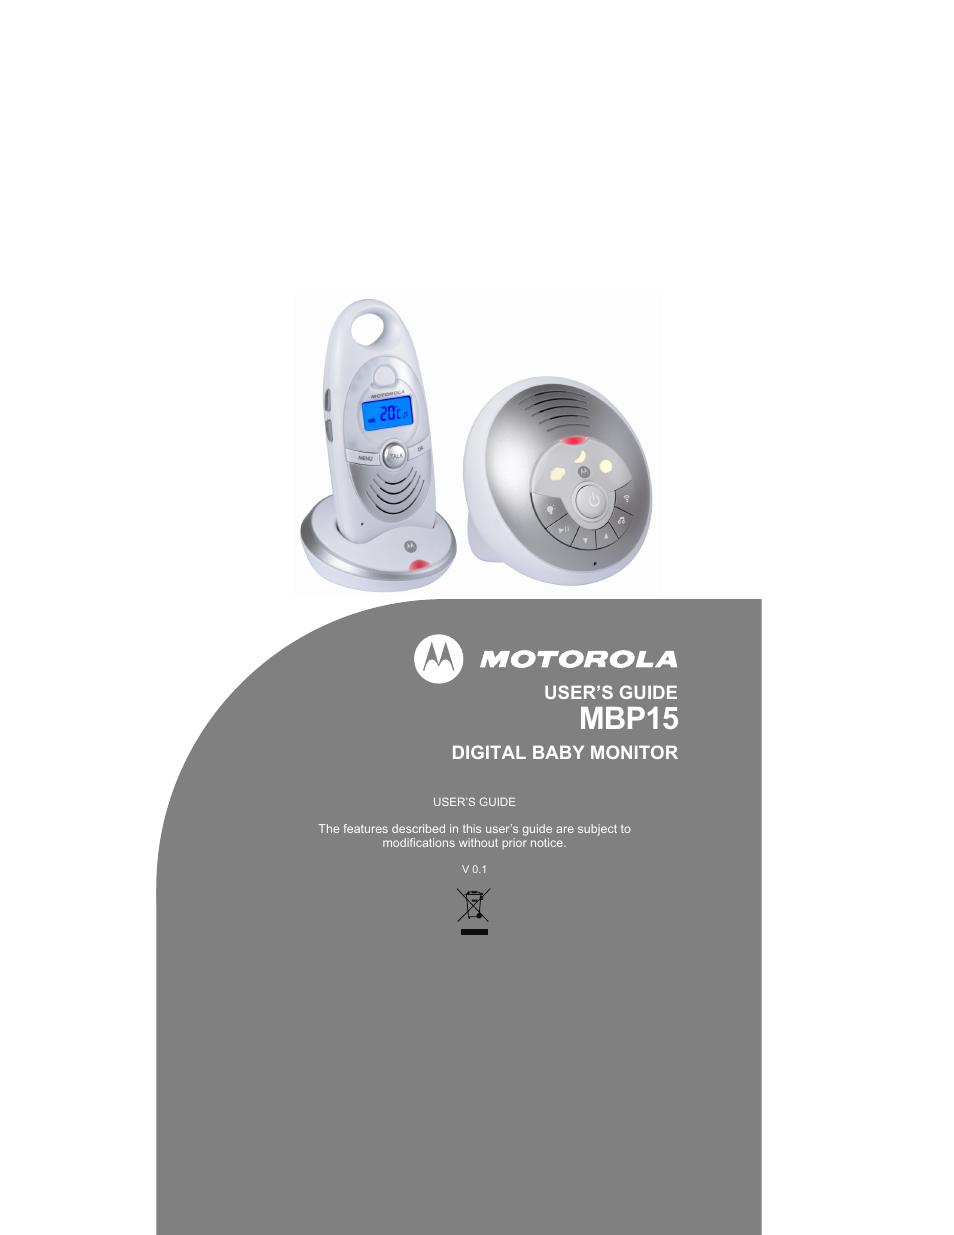 motorola mbp15 user manual 32 pages. Black Bedroom Furniture Sets. Home Design Ideas